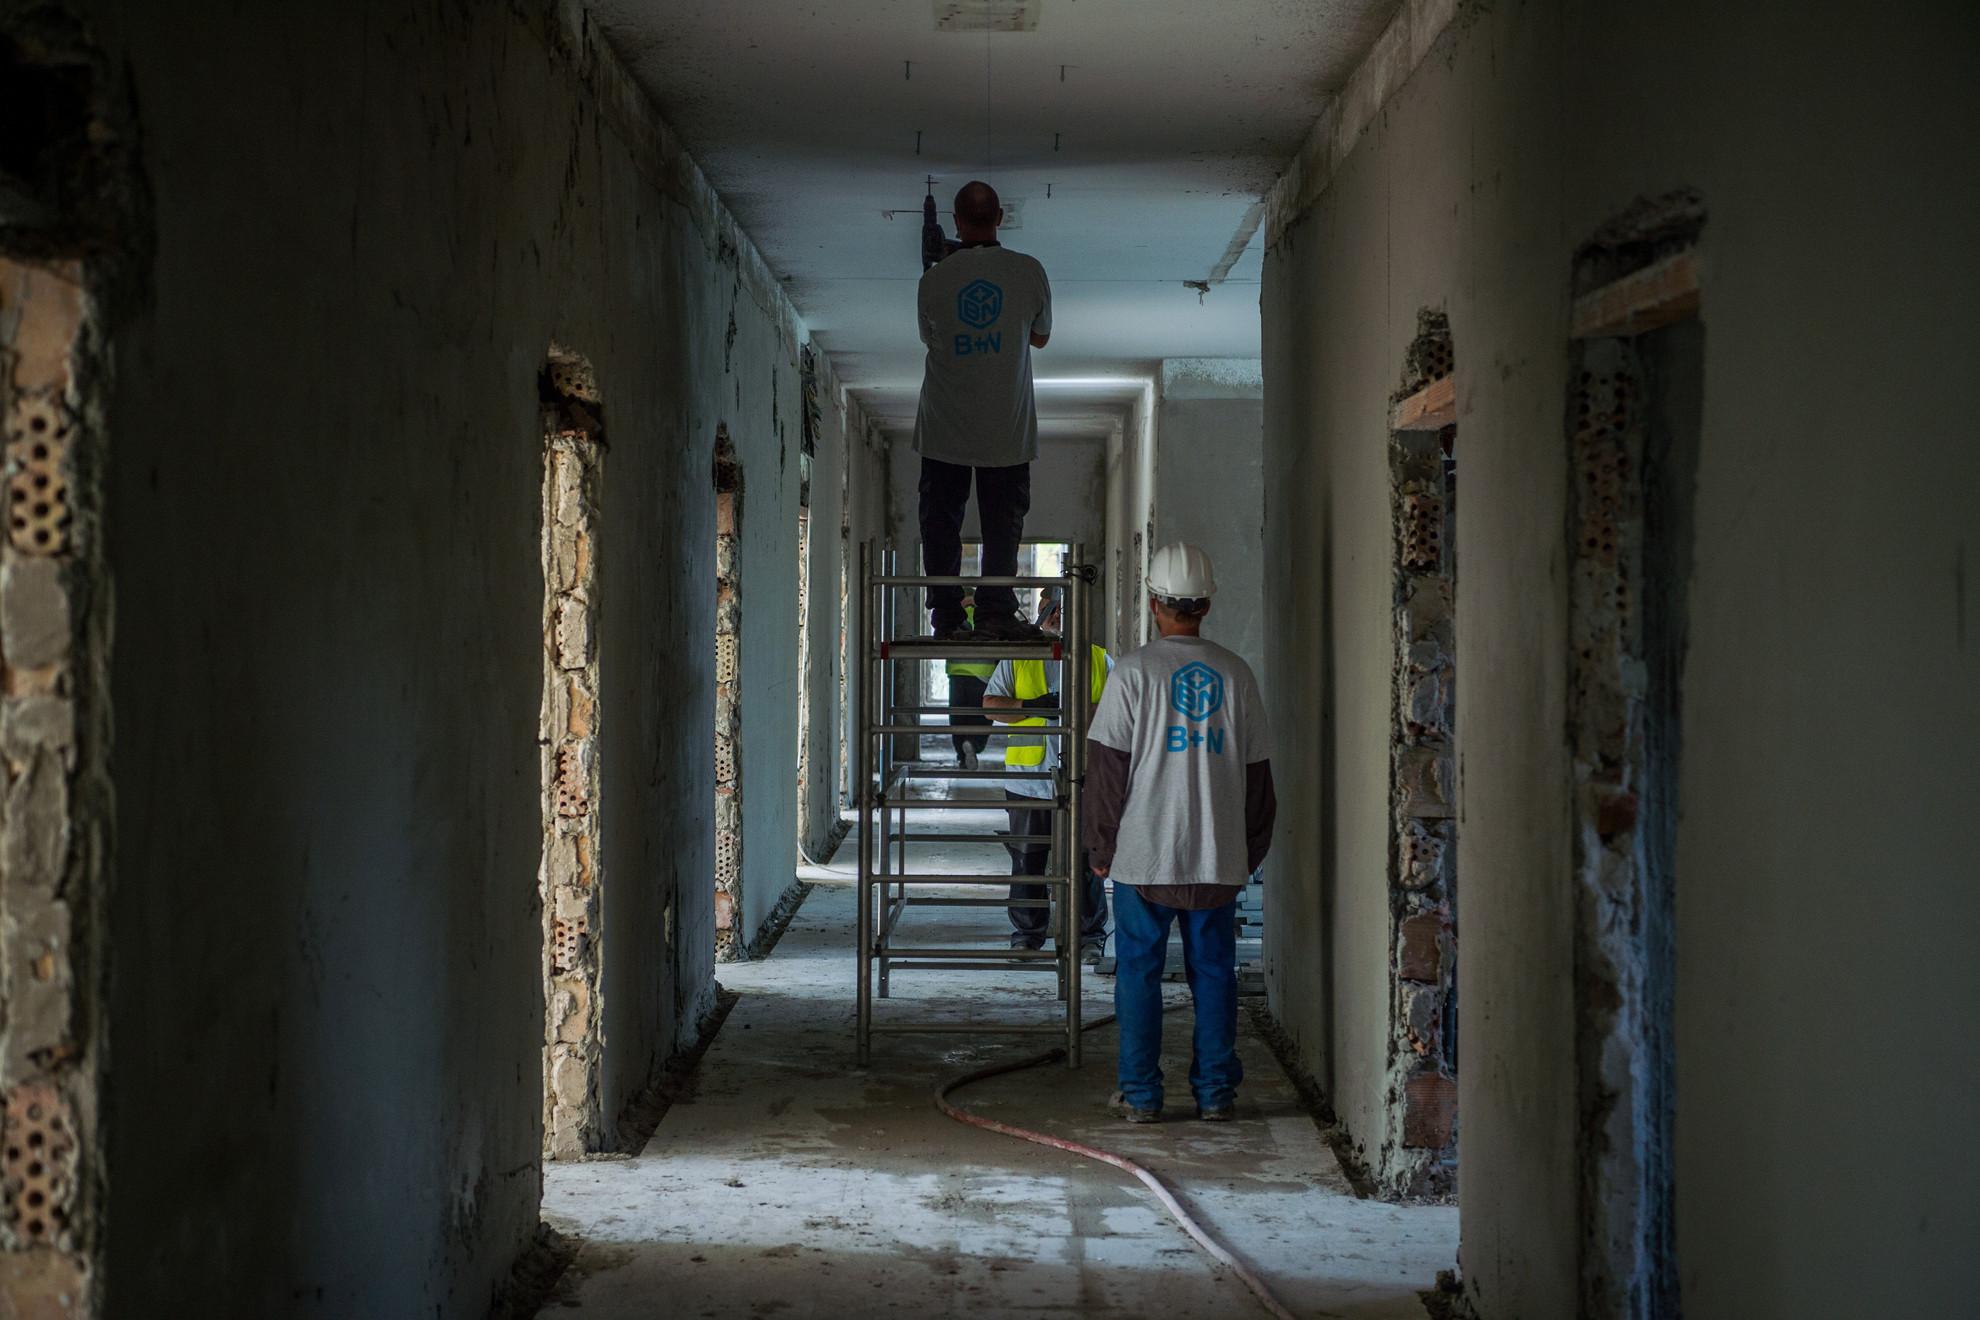 Felújítási munkálatok az Országos Korányi Pulmonológiai Intézet új intenzív osztályán a fővárosban 2020. október 2-án